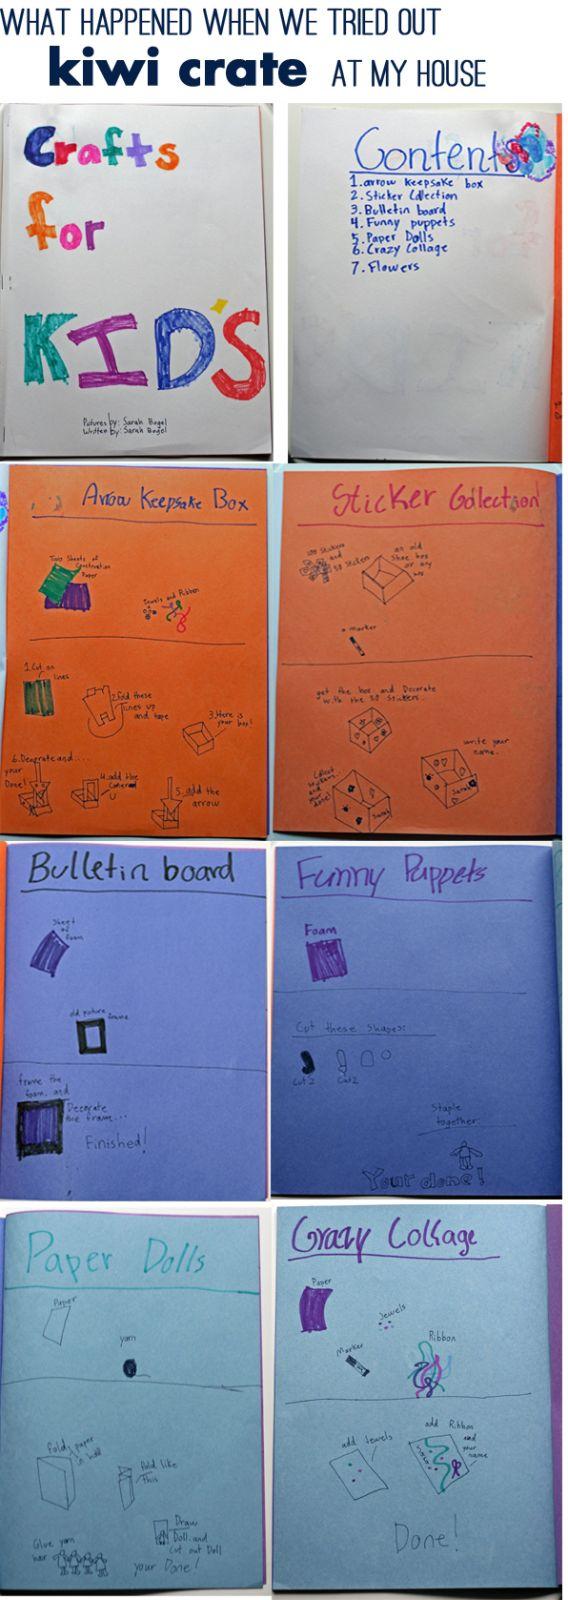 sarah-kiwi-crate-book-collage